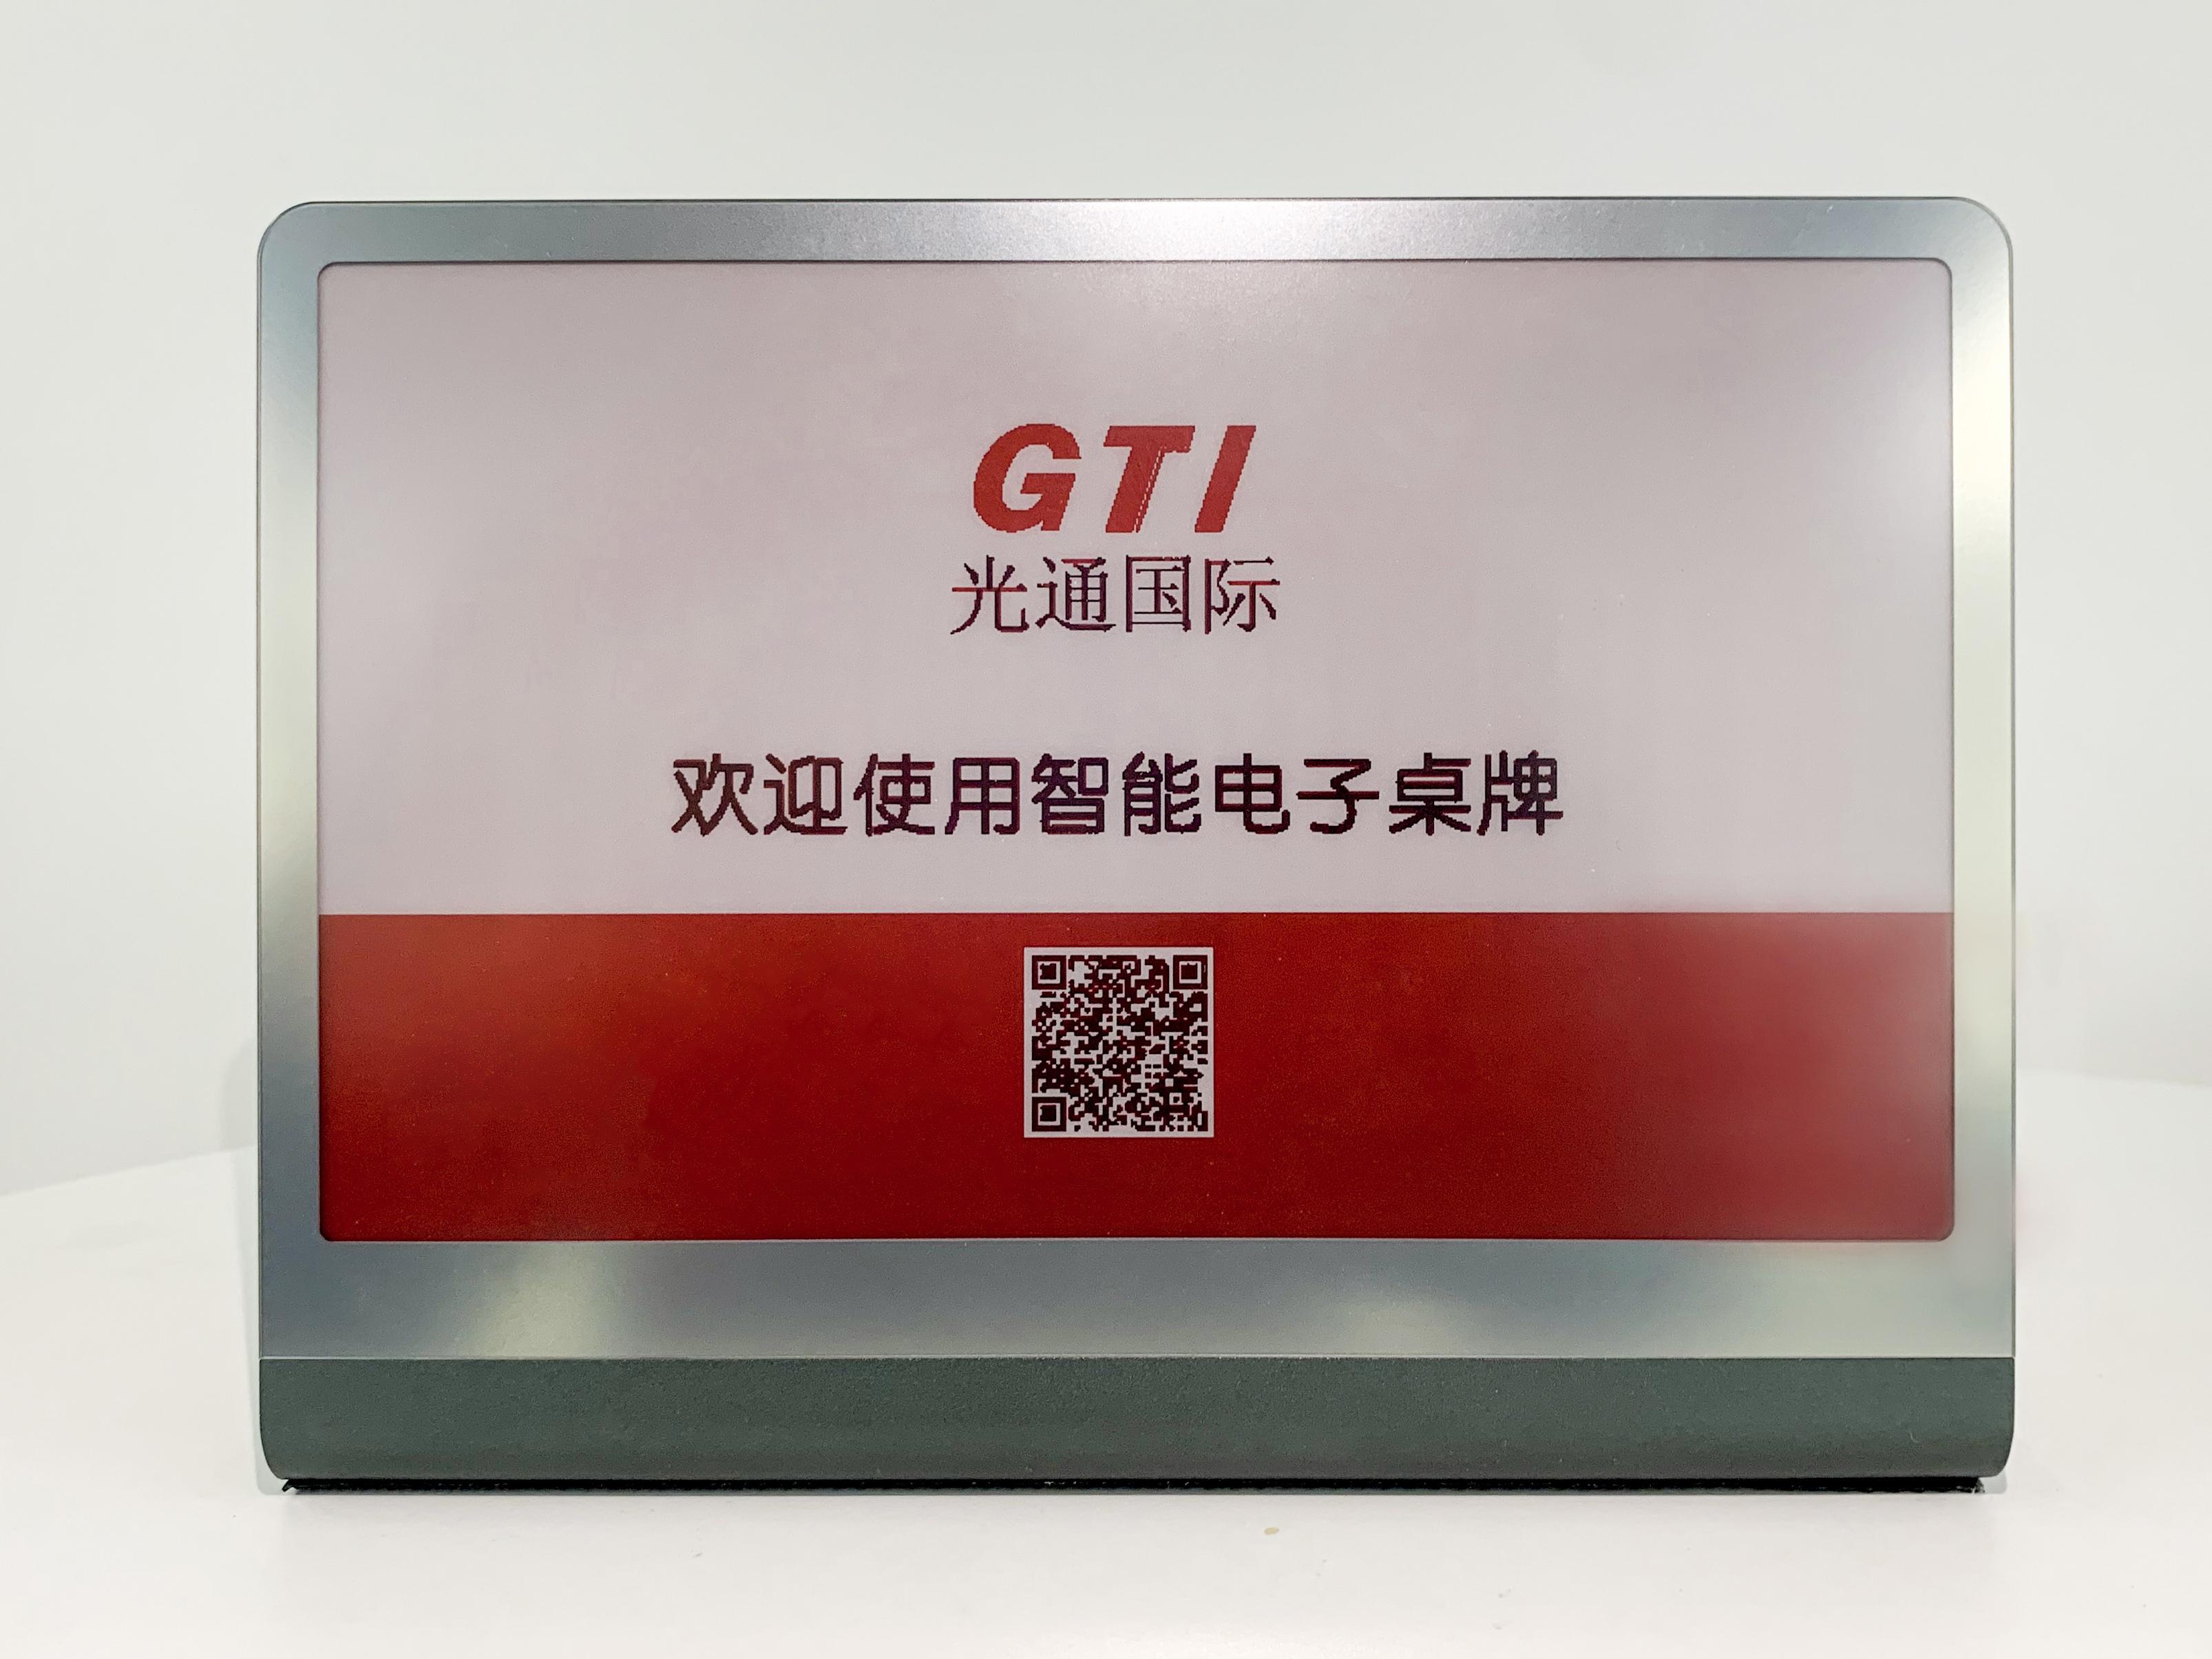 GTi-S3303无源电子桌牌智能会议环保电子纸不上眼智慧办公